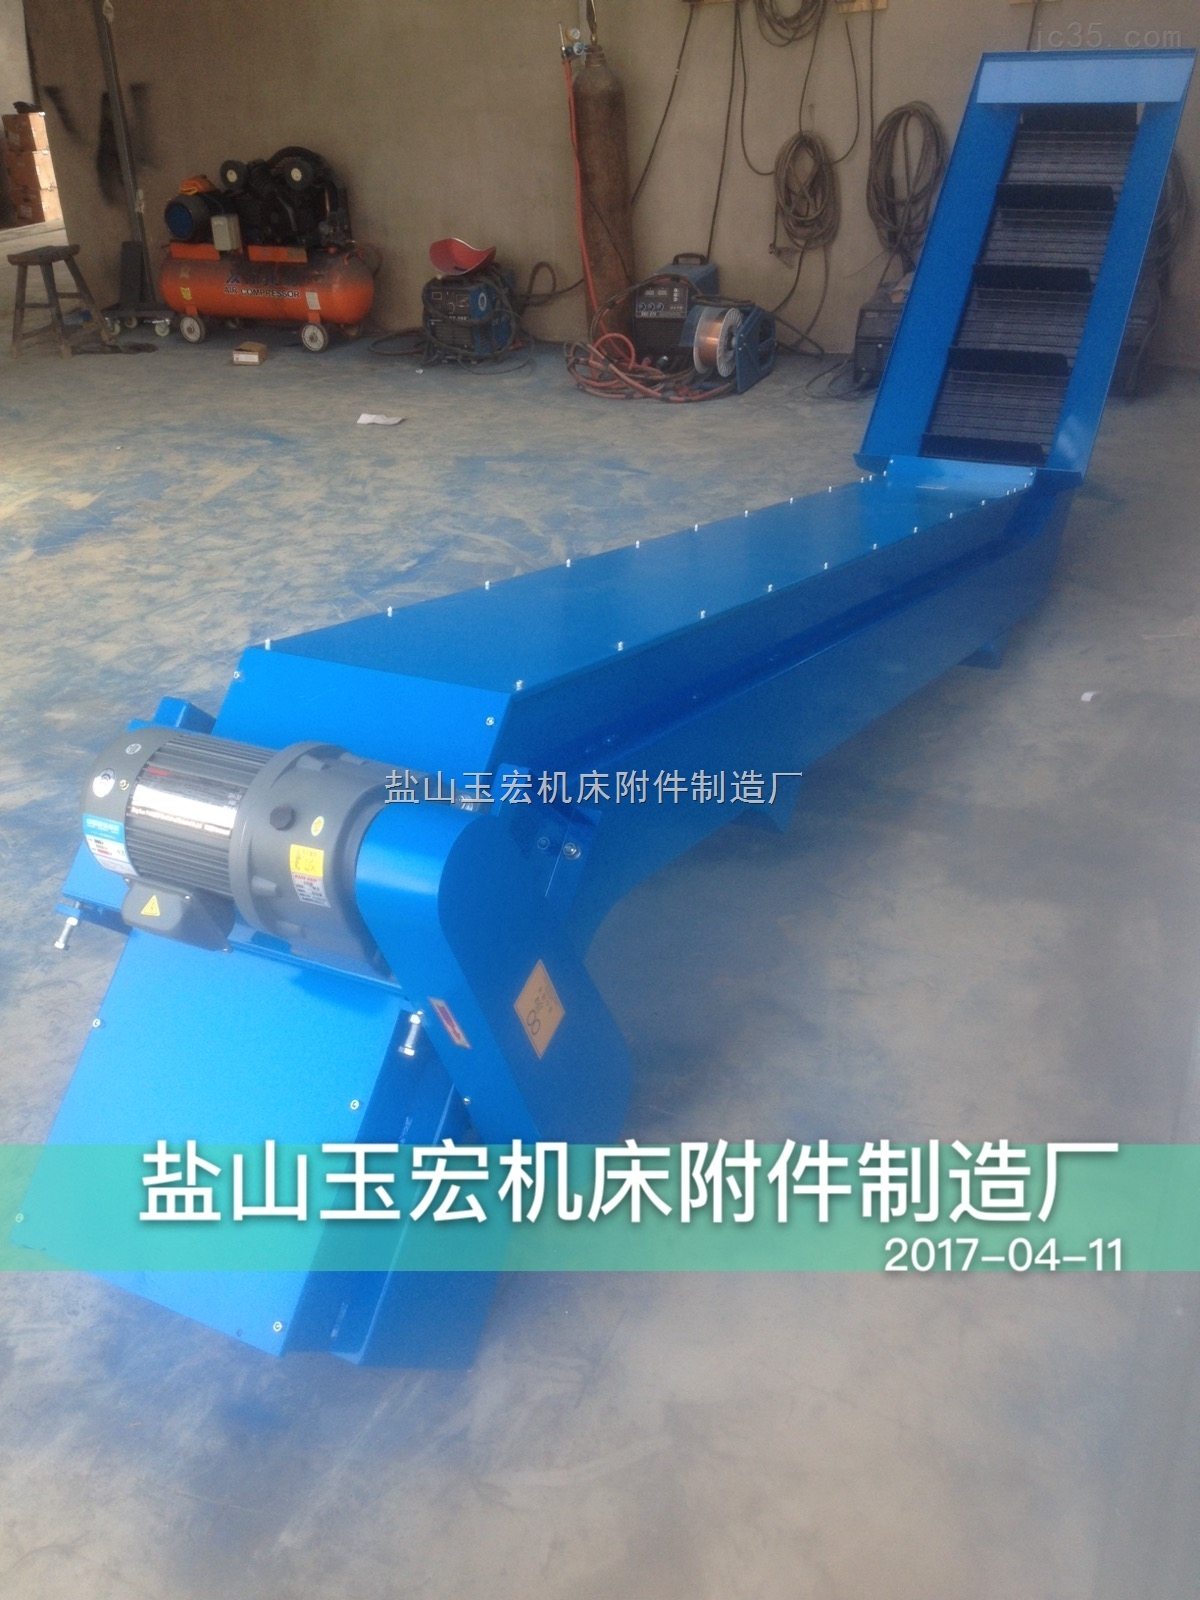 数控车床排屑机,盐山玉宏(在线咨询),排屑机